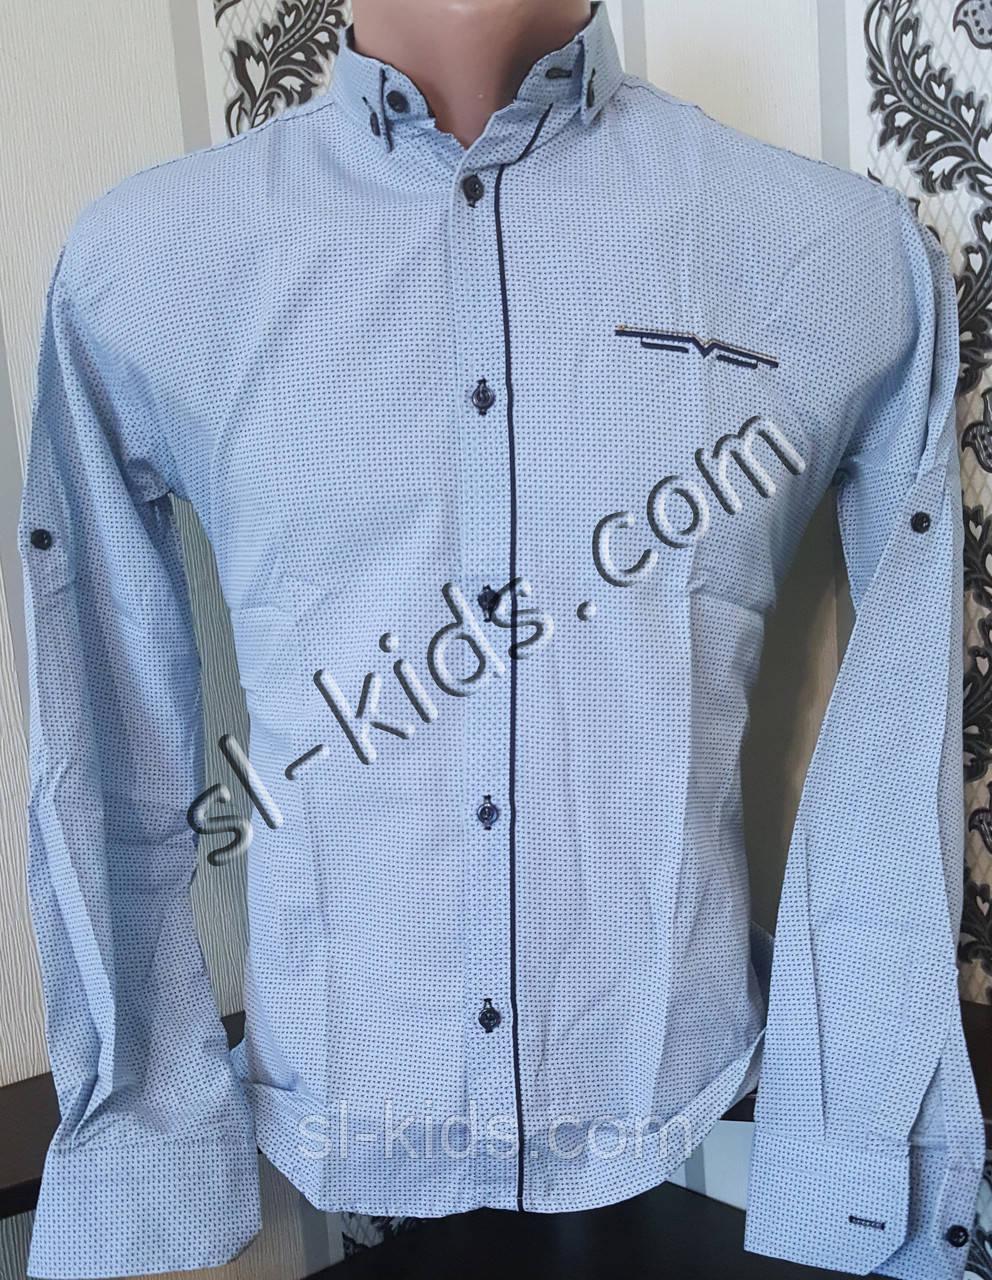 Стильная рубашка для мальчика 11-15 лет(опт) (1802) (пр. Турция)